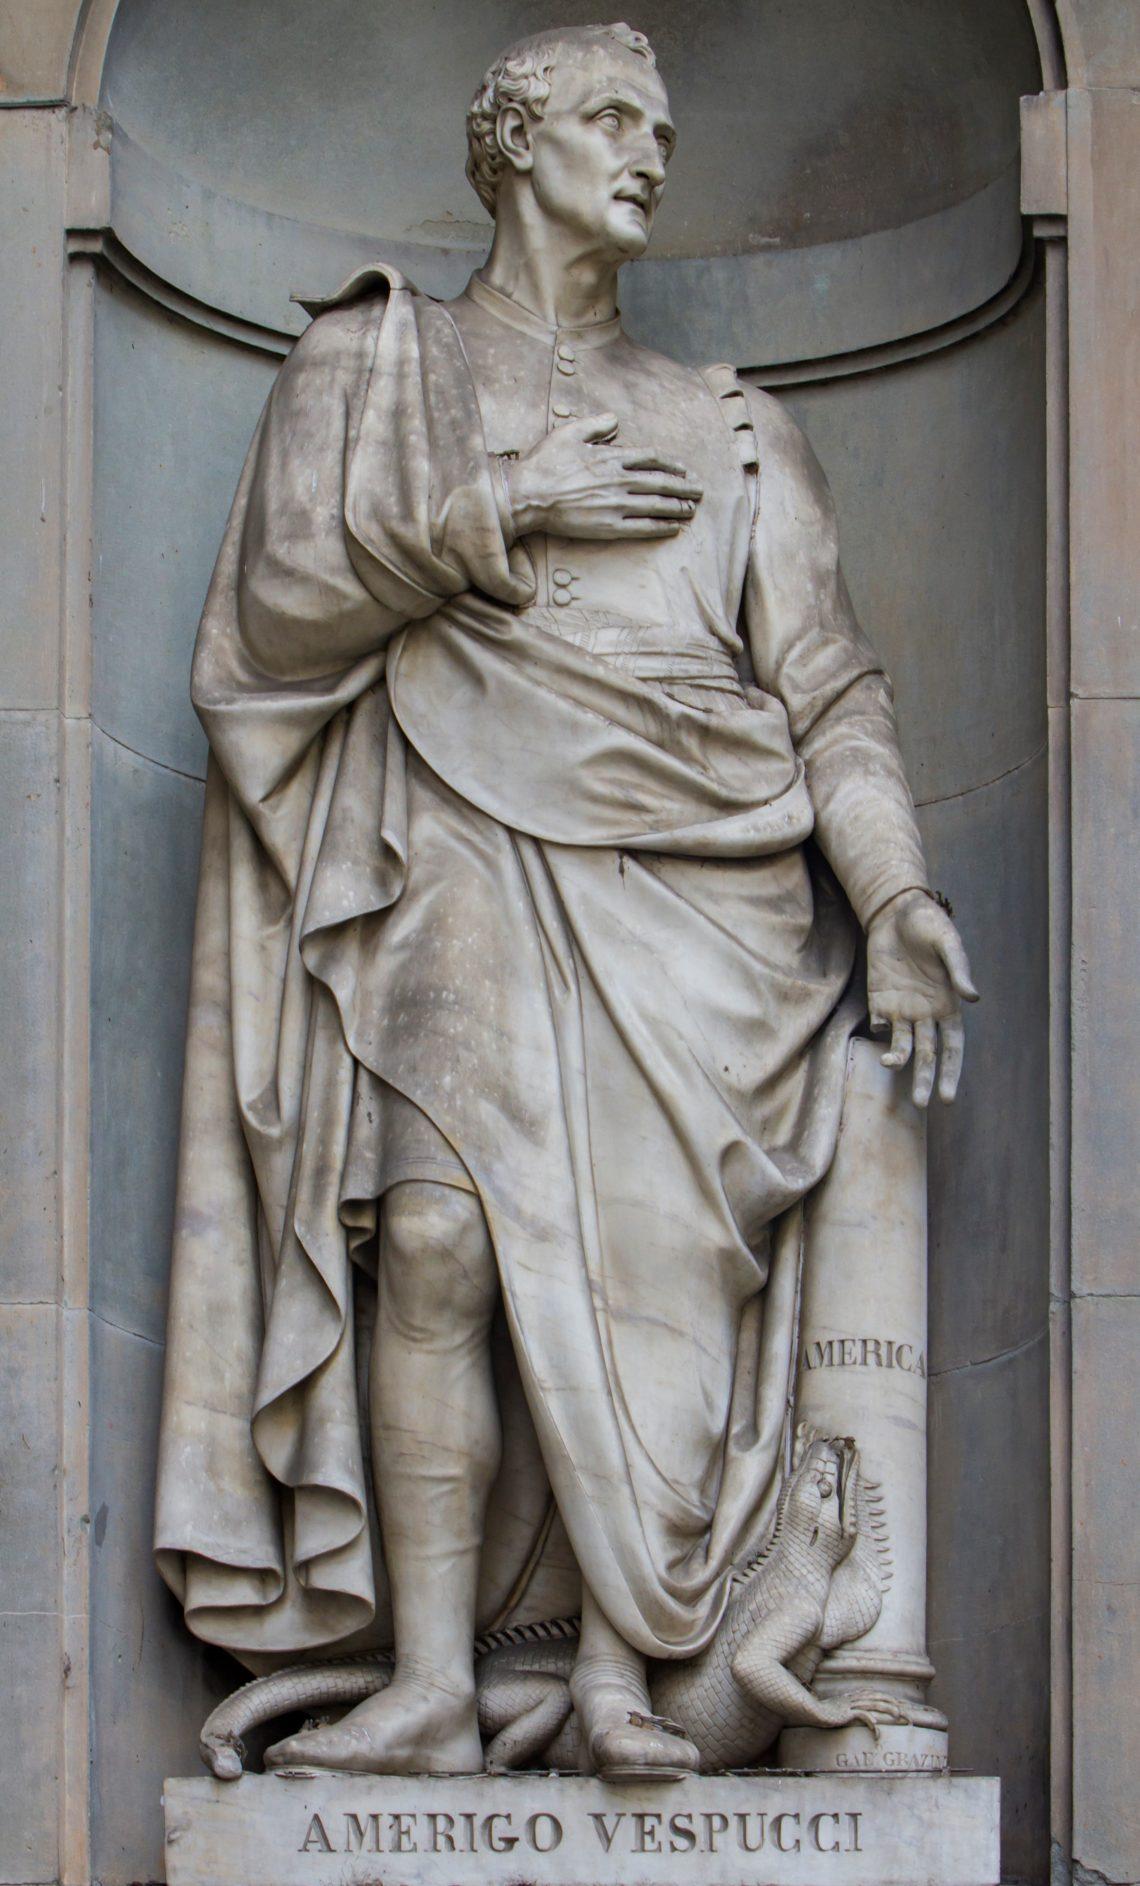 Estátua de Américo Vespucci, navegador que deu o nome ao continente americano, na fachada da Galleria degli Uffizi.